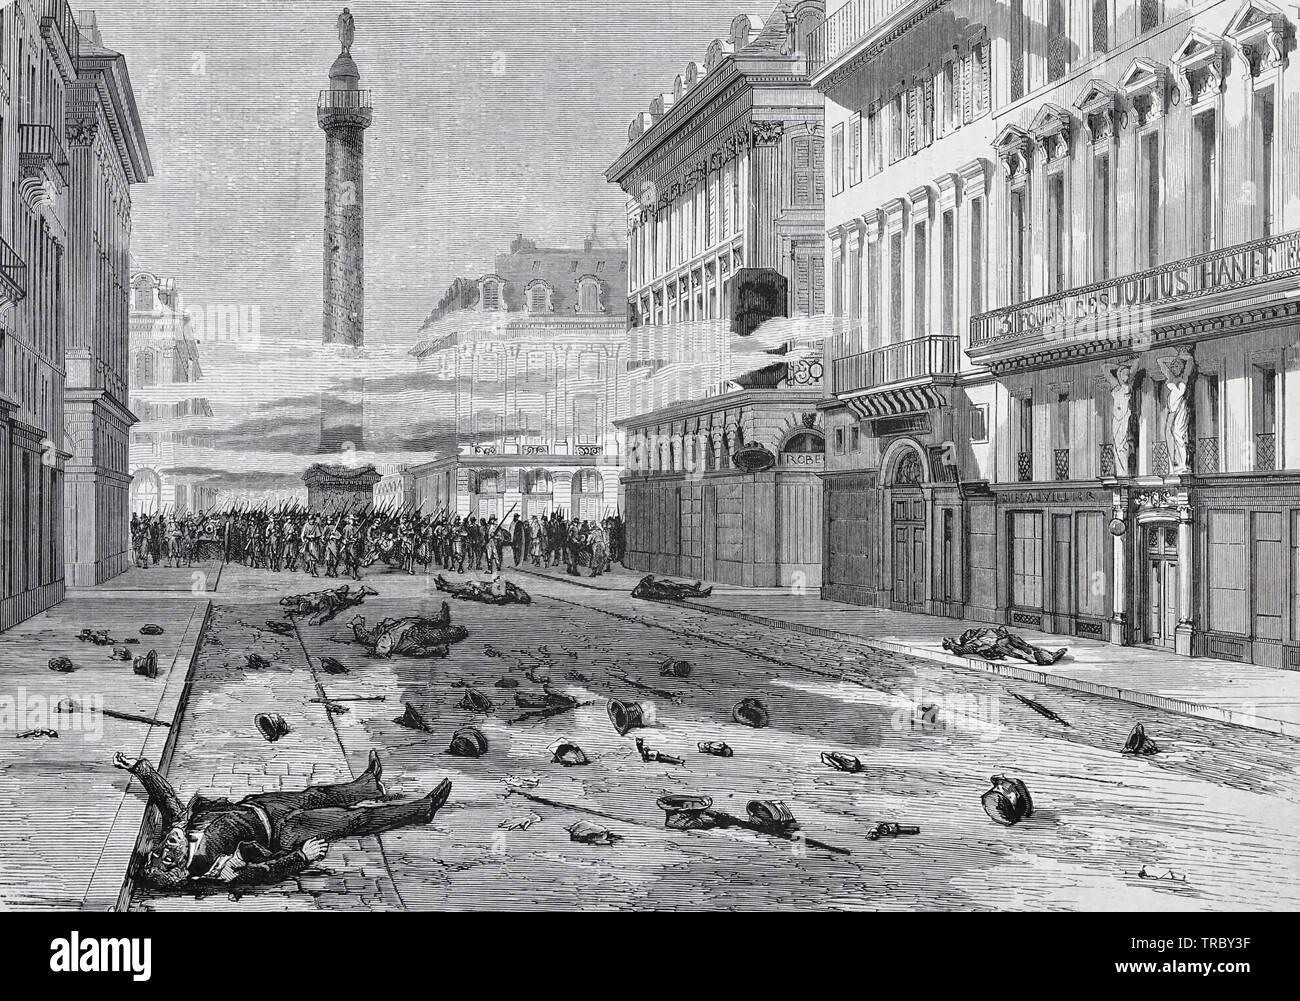 Le tournage de Place Vendôme - l'apparition de la rue de la paix, après la dispersion de la manifestation du 23 mars - Commune de Paris, 1871 Photo Stock